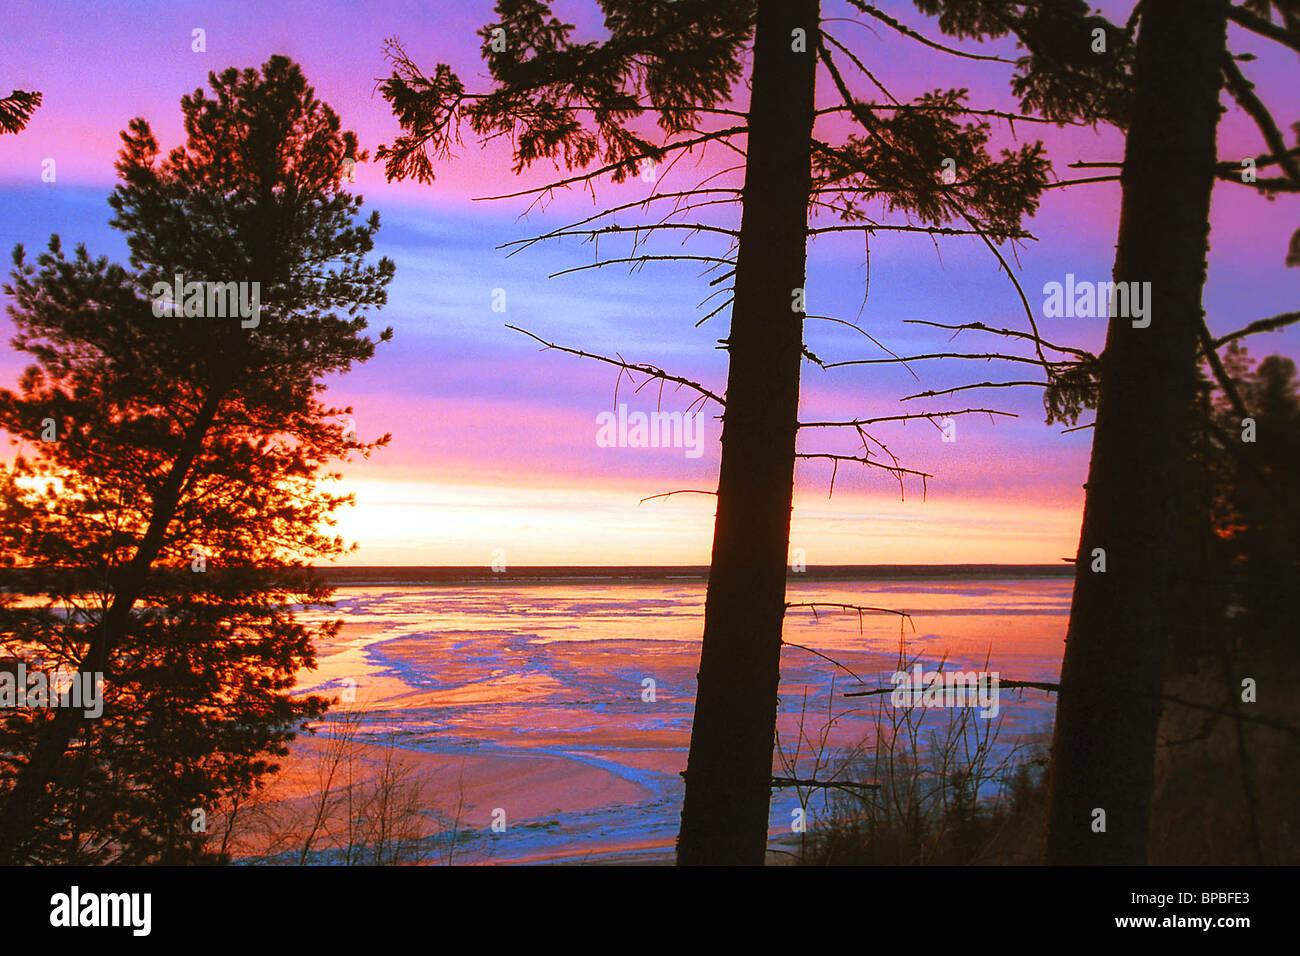 Les couleurs fantastiques de la fasciner les yeux de ciel coucher de soleil Photo Stock